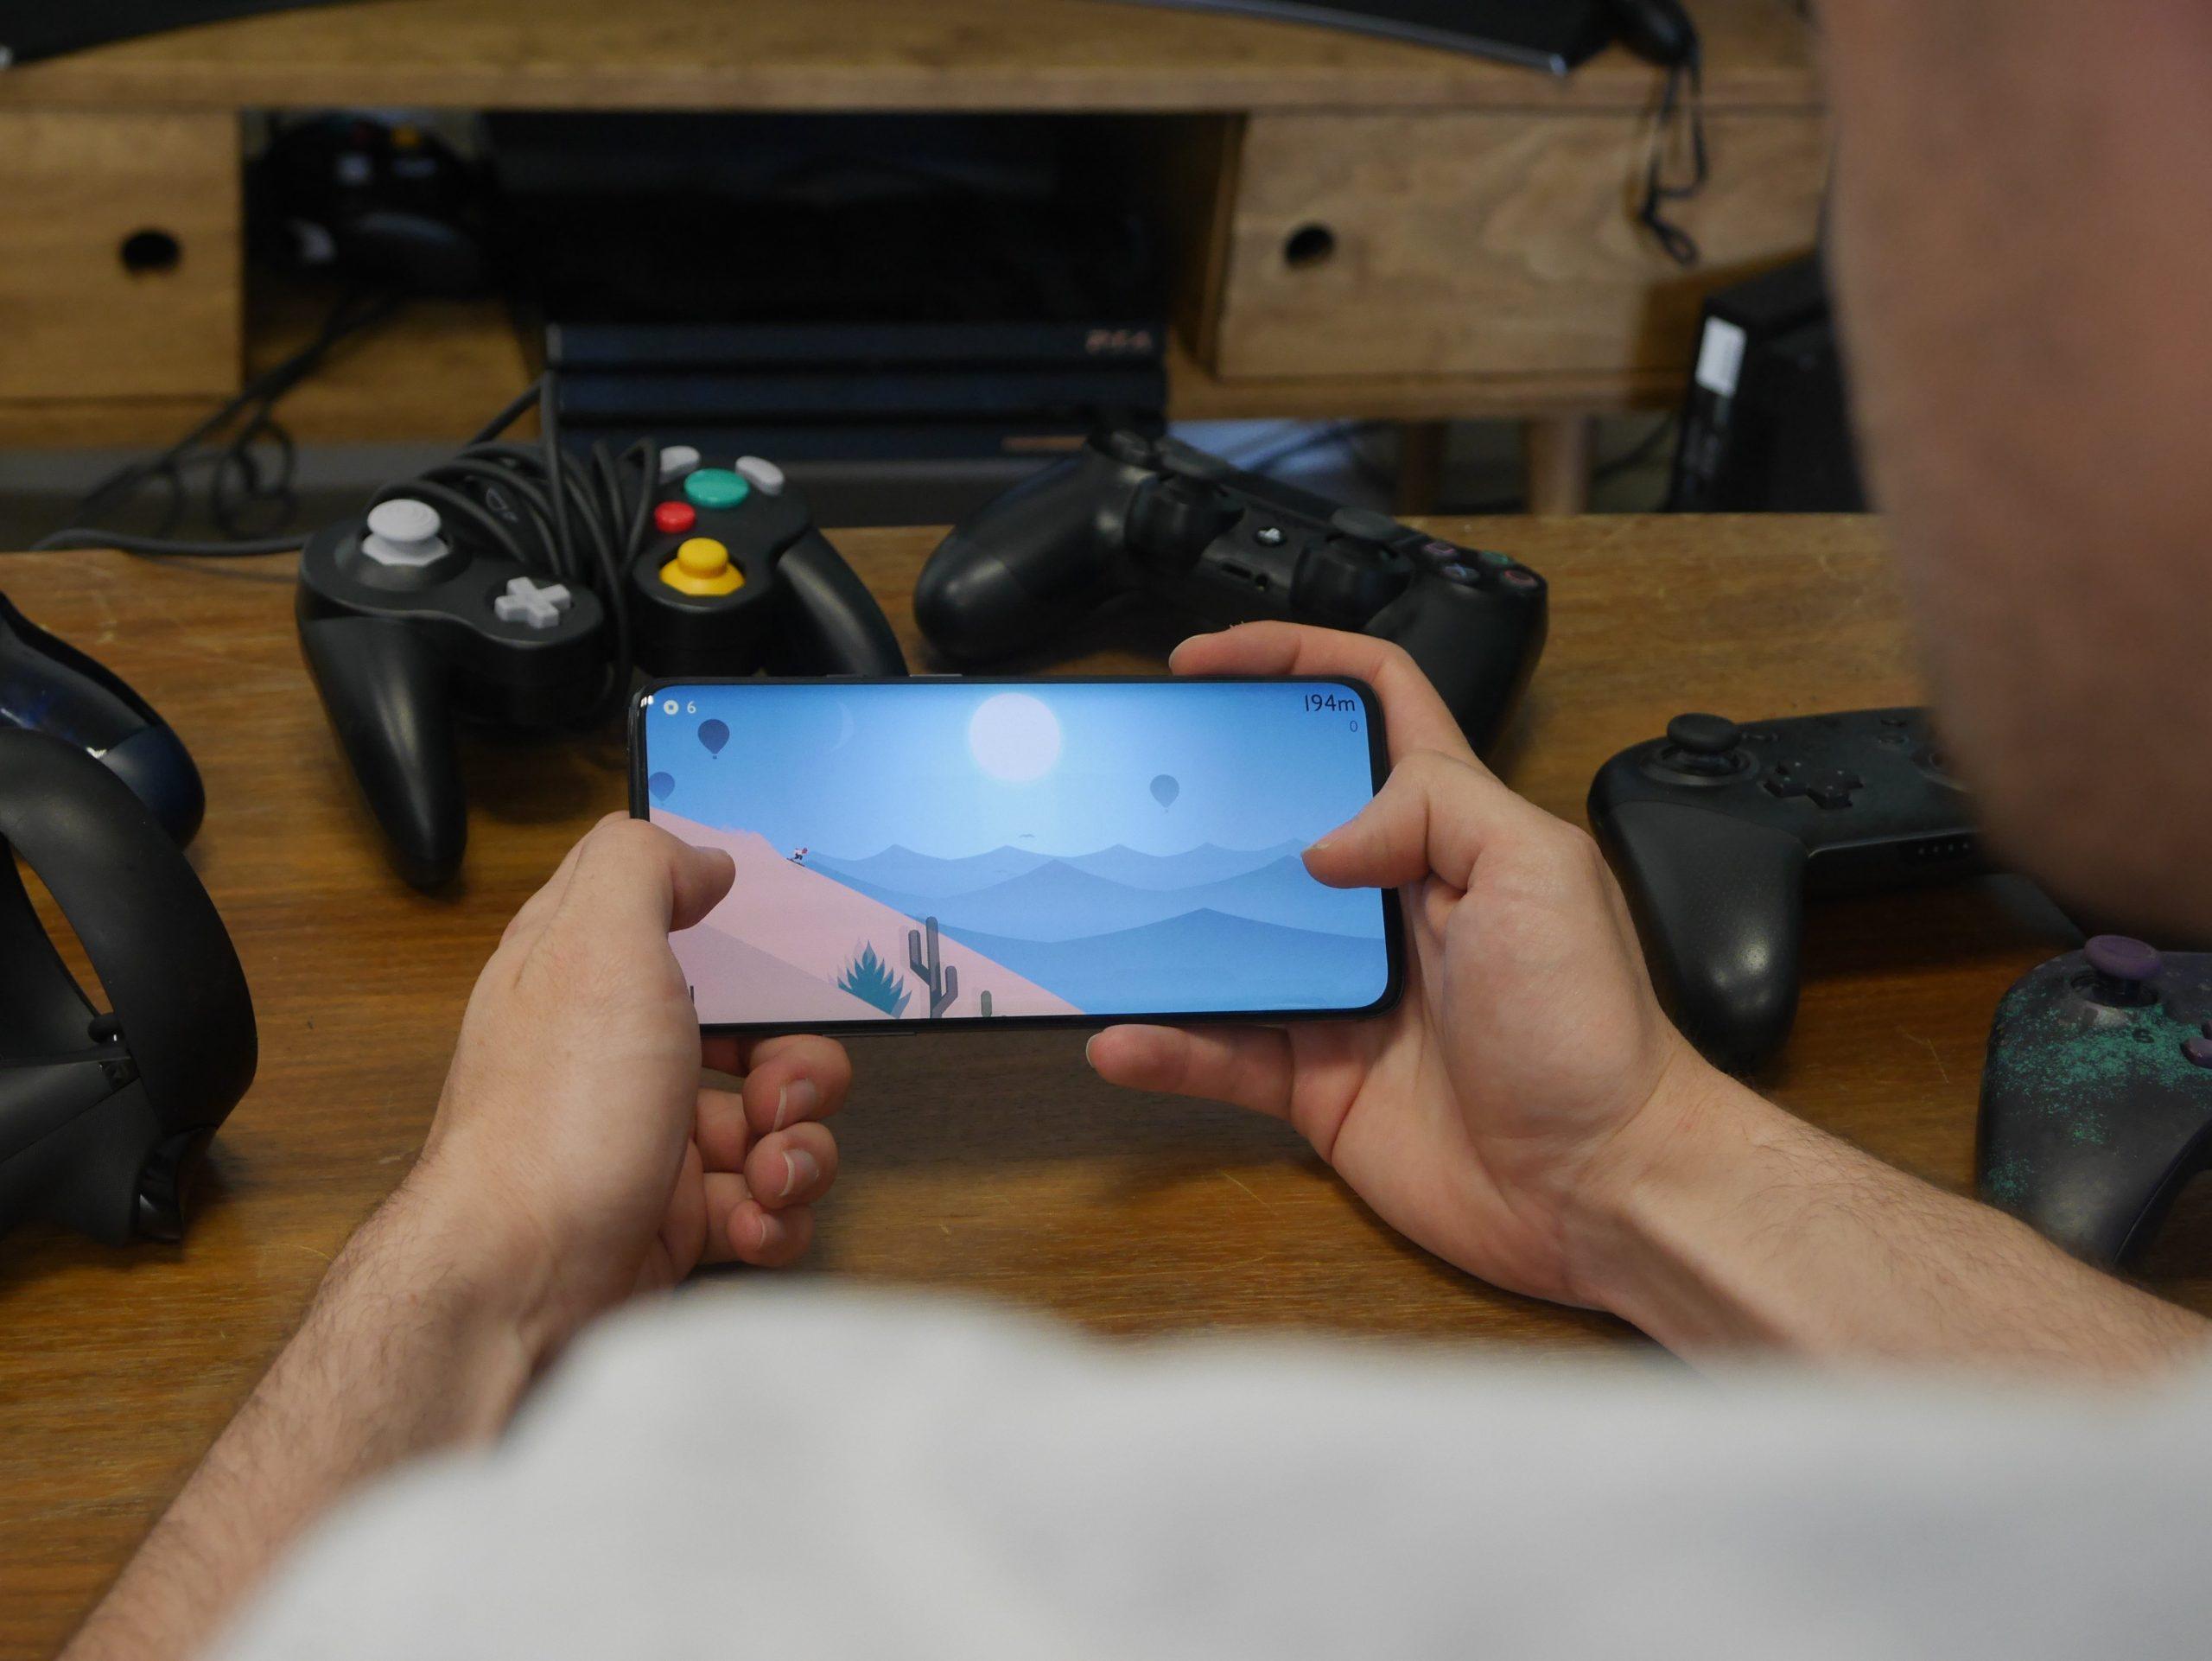 Les Meilleurs Jeux Gratuits Sur Android En 2020 tout Jeux Facile A Telecharger